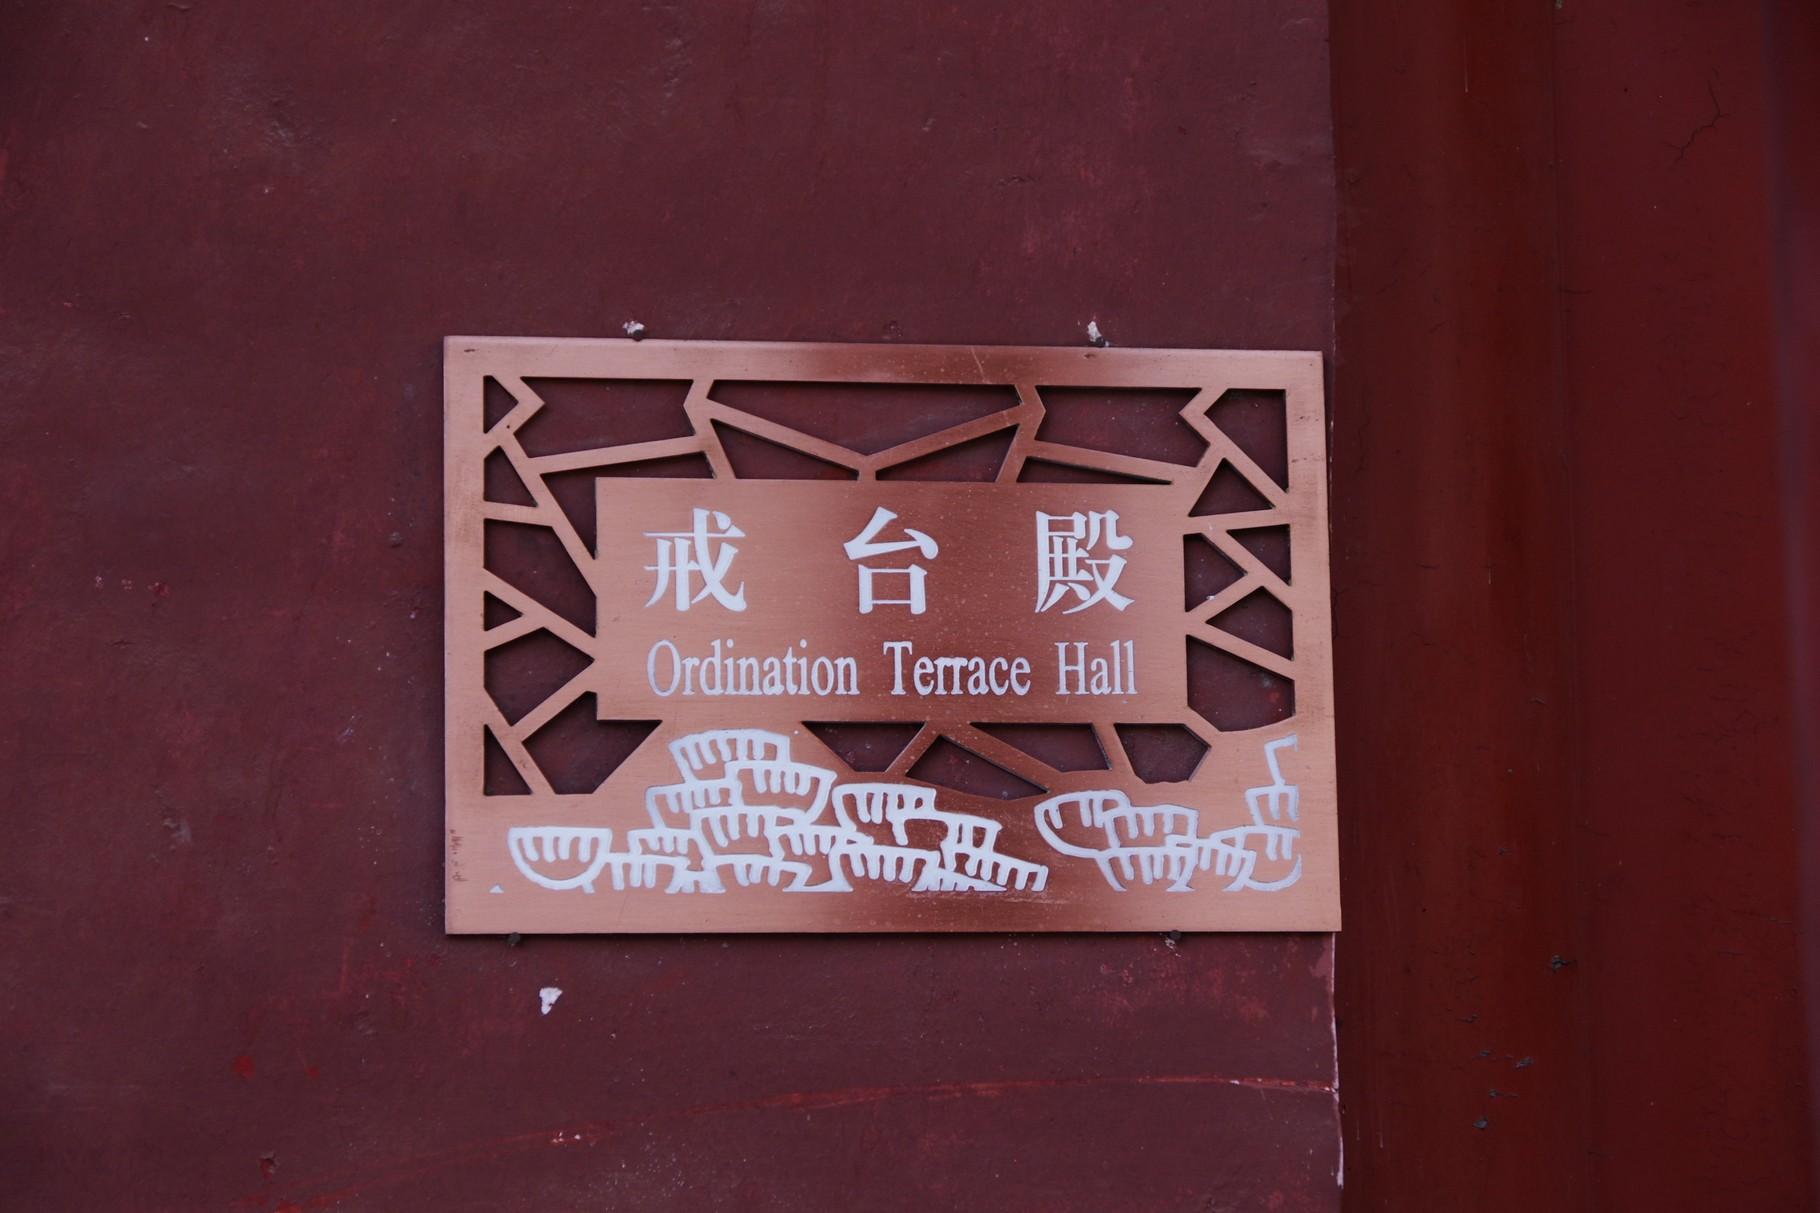 寺の名前にもなっている戒台殿